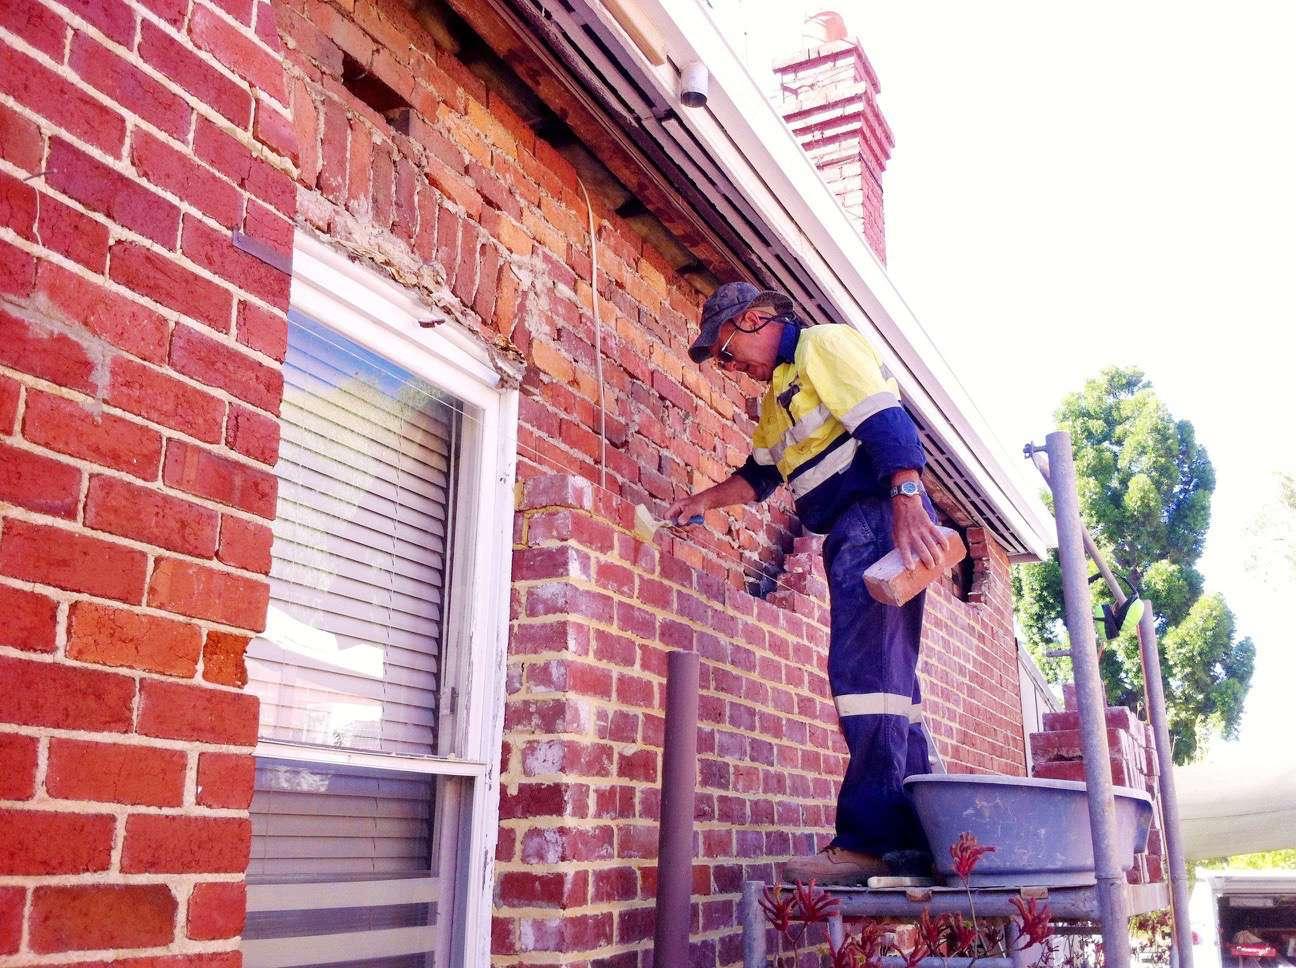 100 Old Damaged Exterior Brick Wall Stonelux Stone Coating Fireplace Stone Coating